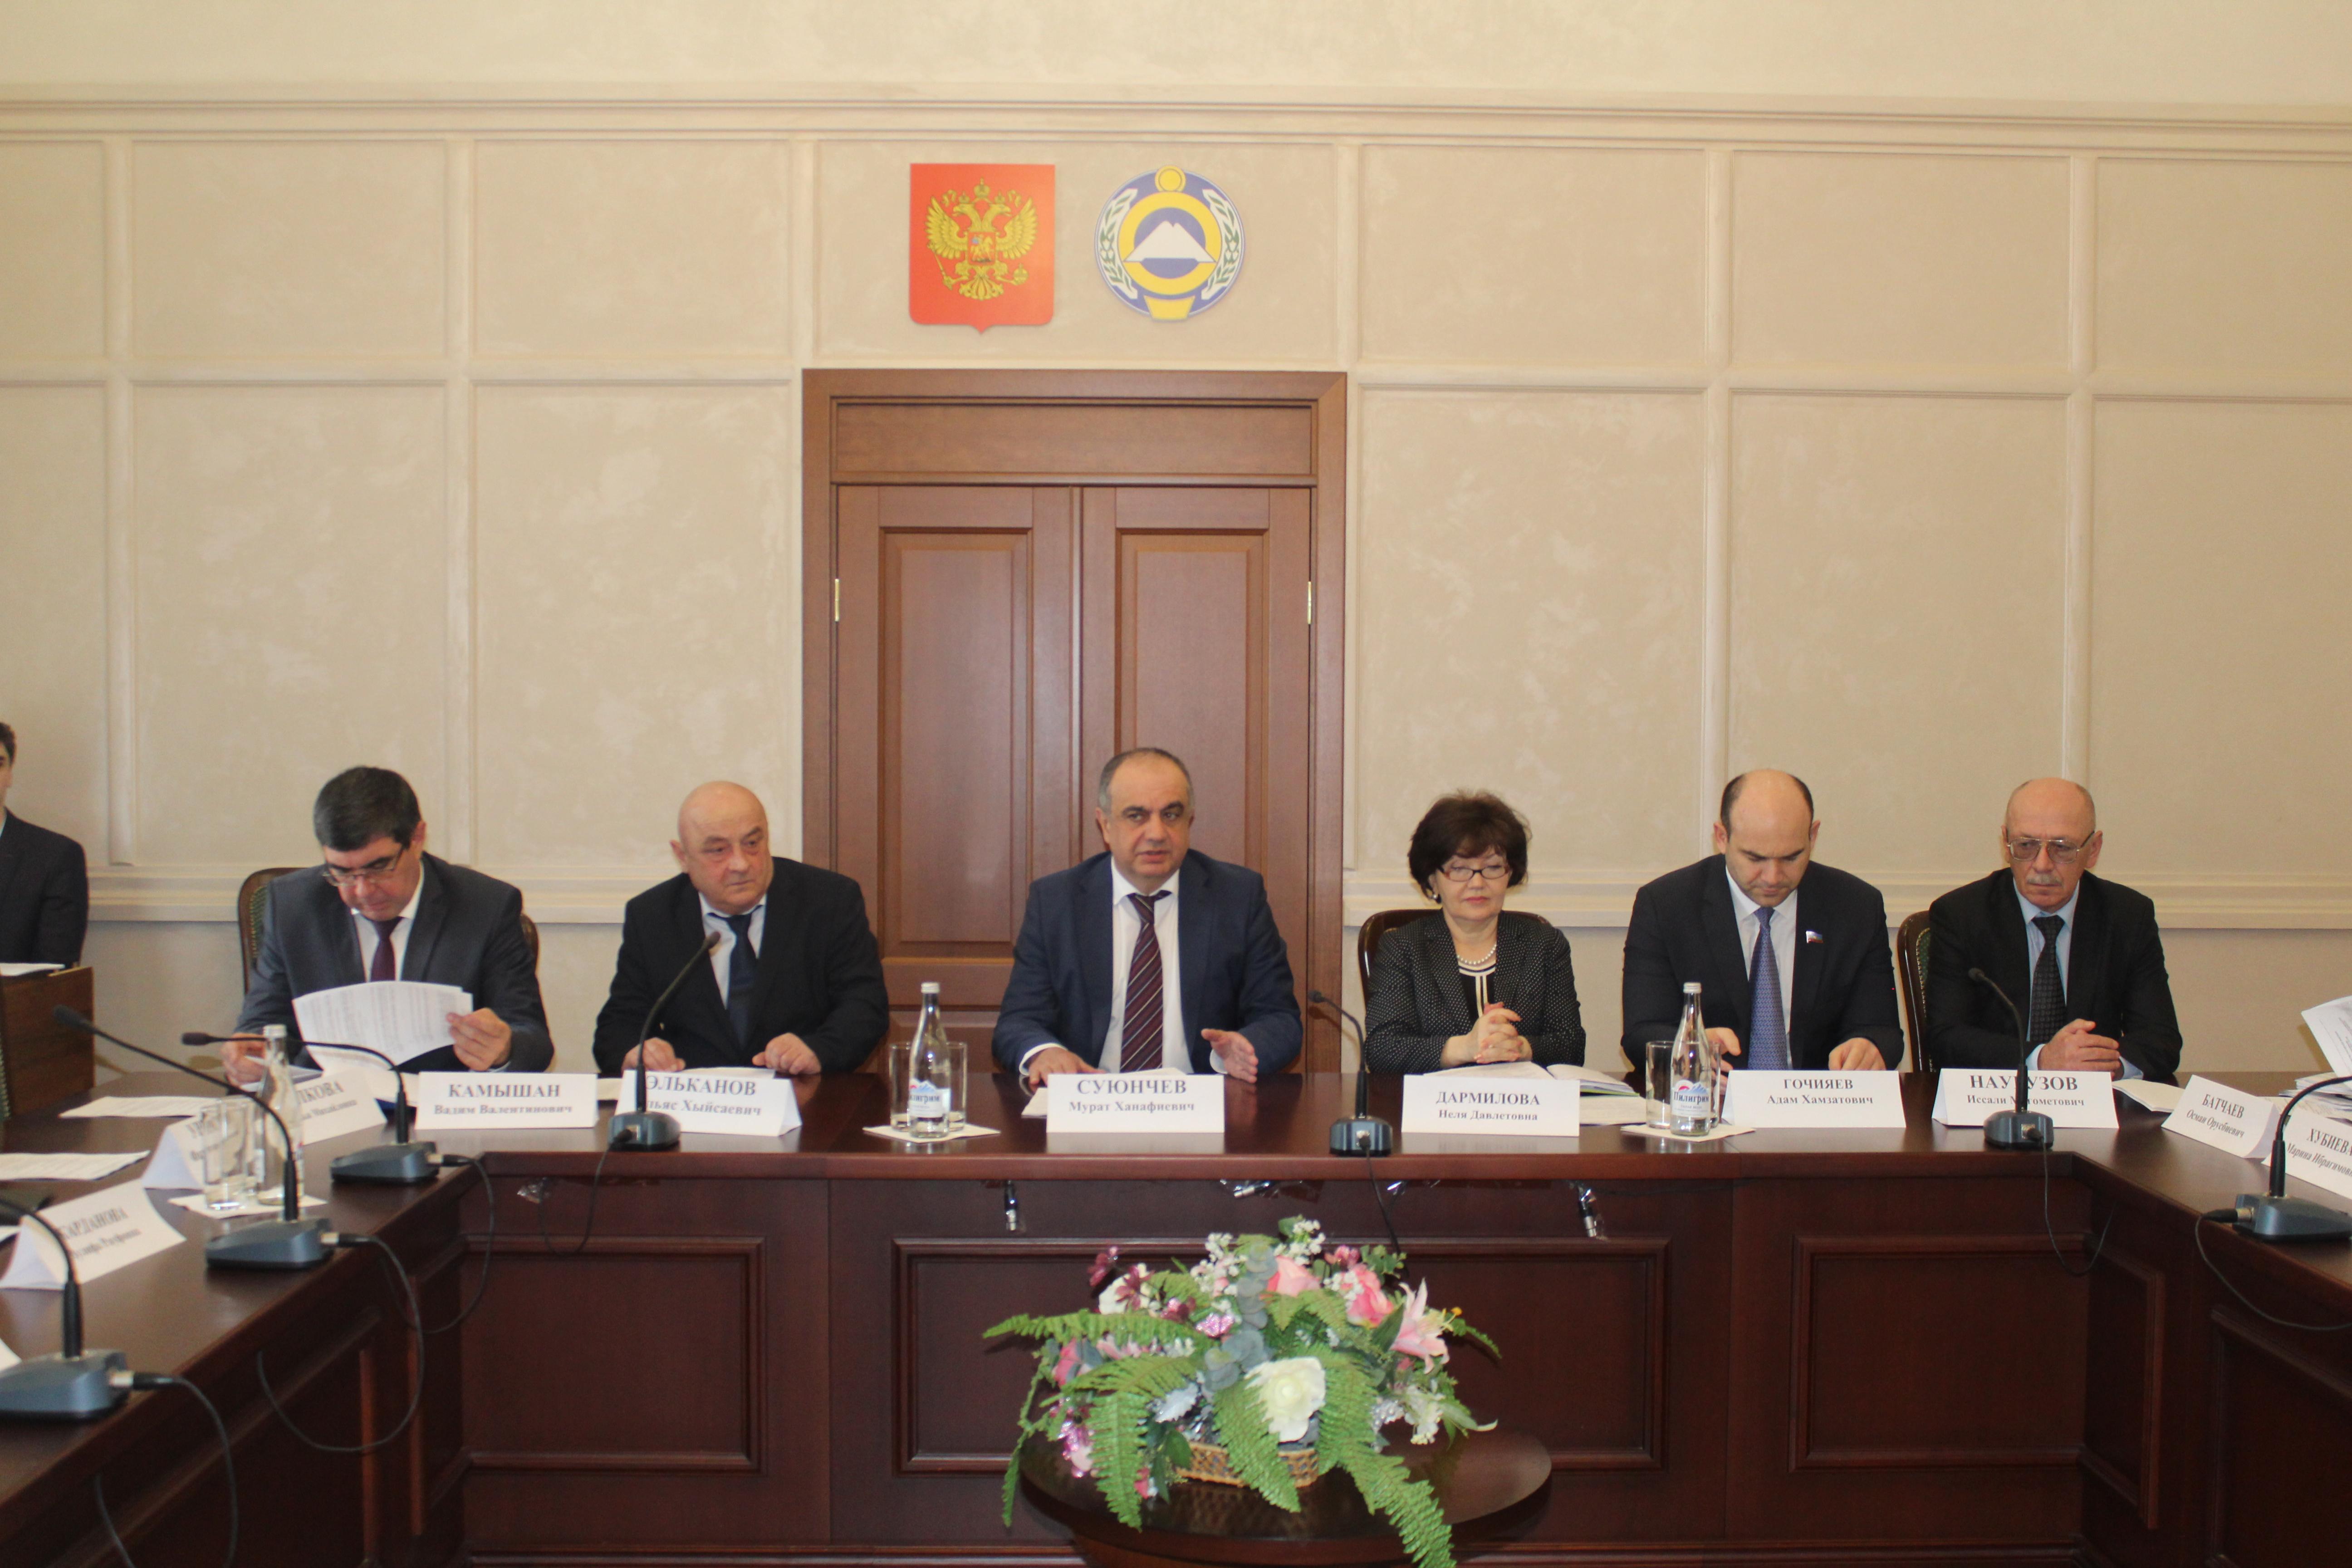 Коллегия Министерства финансов КЧР по итогам работы за 2018 год и задачам на 2019 год